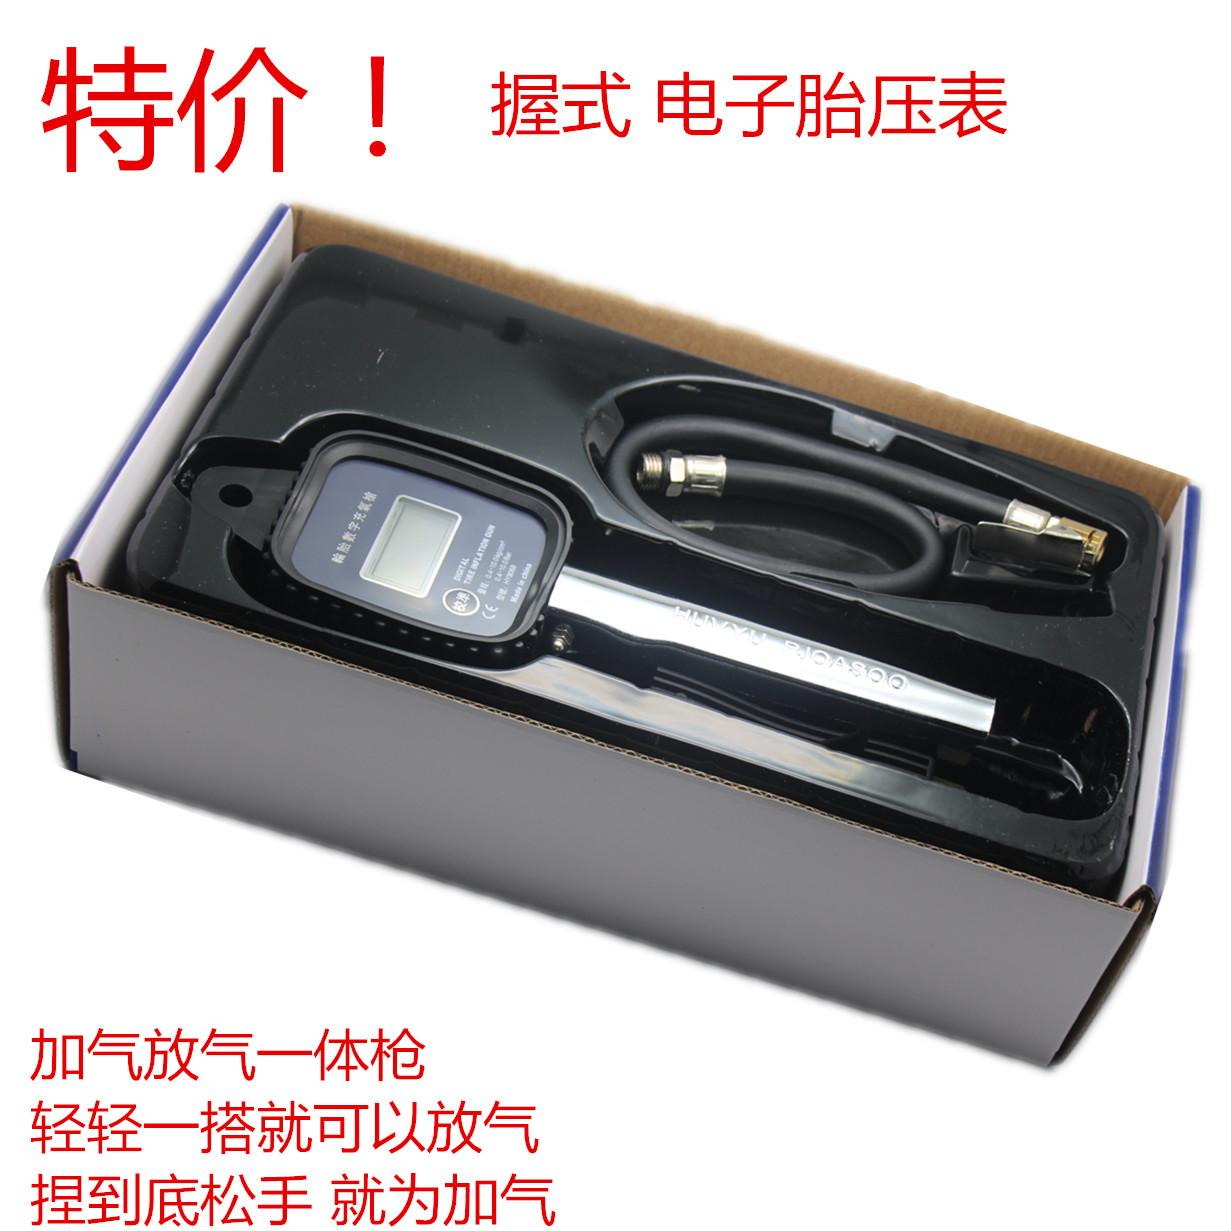 Тайвань цифровой высокой точности жидкий кристалл цифровой рука рукоятка электрический сын давление в шинах стол автомобиль шина газированный стол газированный пистолет